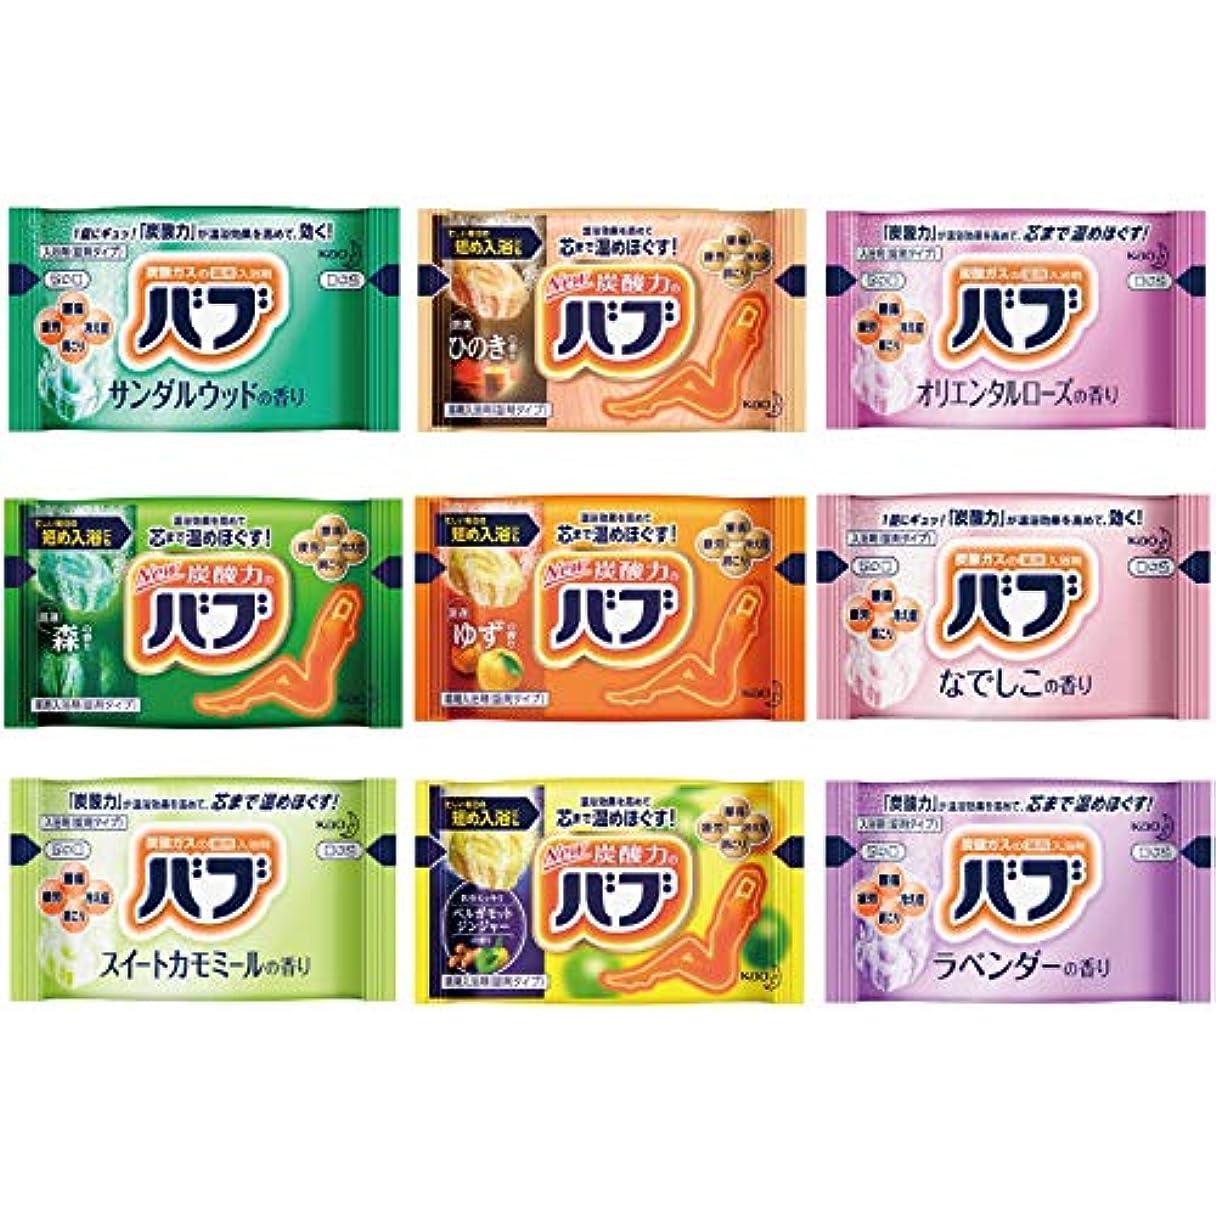 腸削る勝利した花王 バブ 入浴剤セット 9種類の香り 36錠(9種類x4錠)